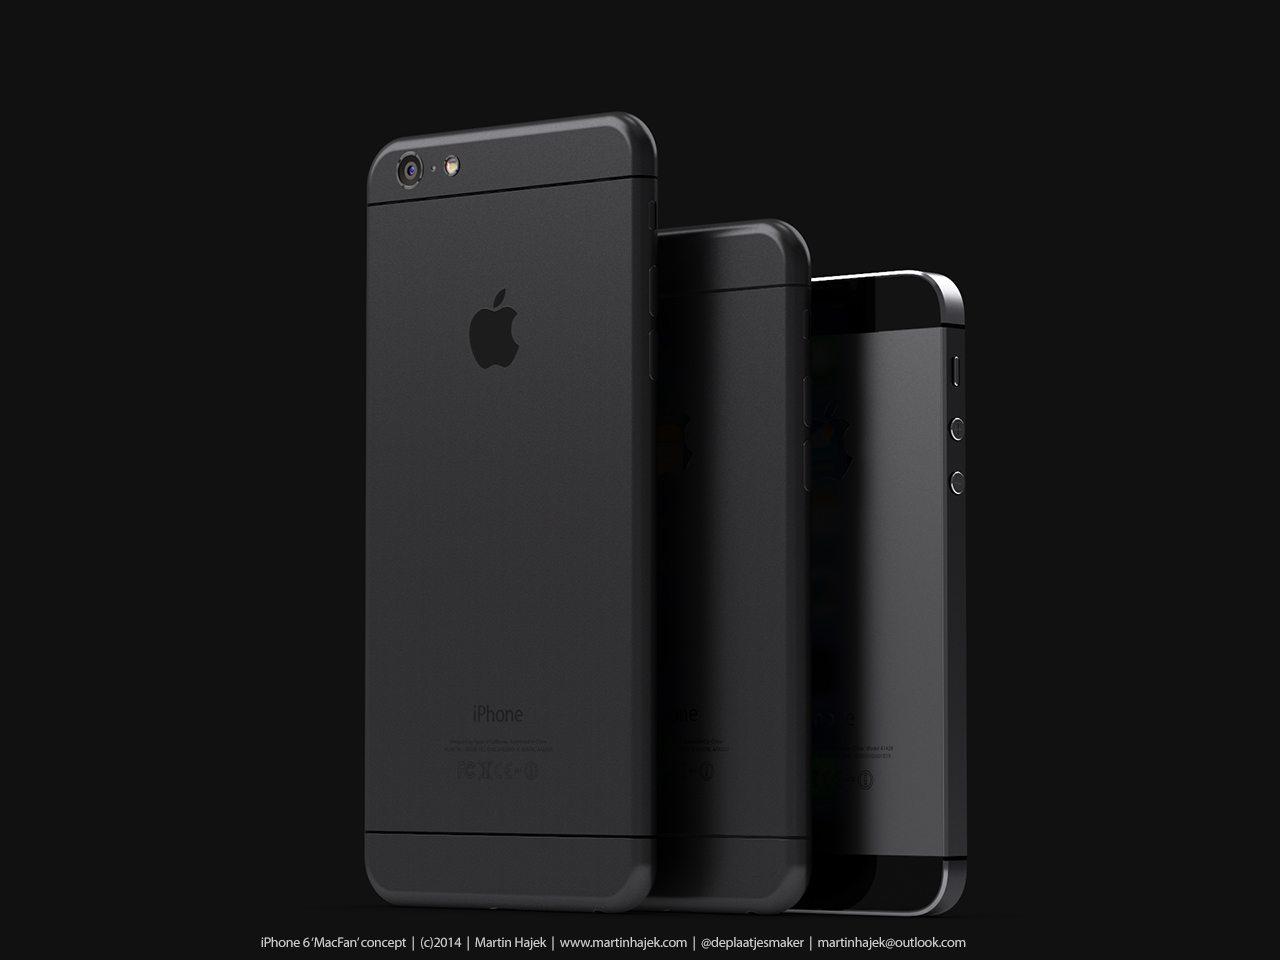 Renders iPhone 6